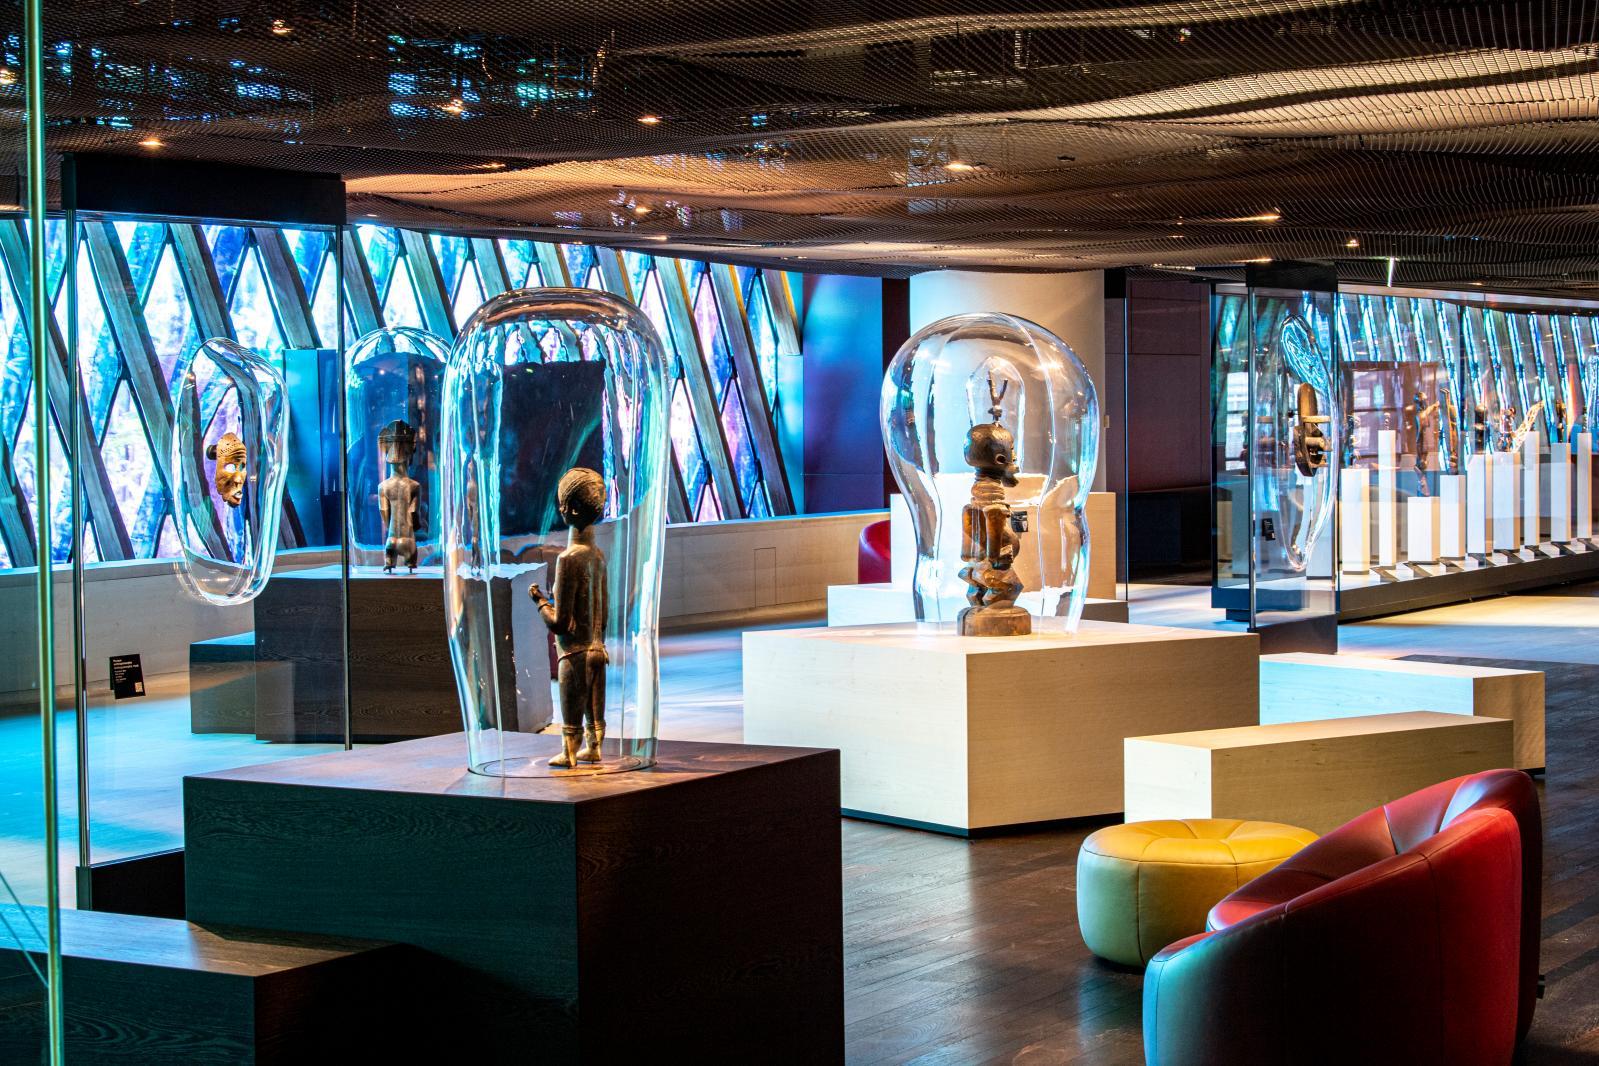 Vue sur la scénographie des collections permanentes exposées en galerie Marc Ladreit deLacharrière, nouvel espace imaginé par Jean Nouvel